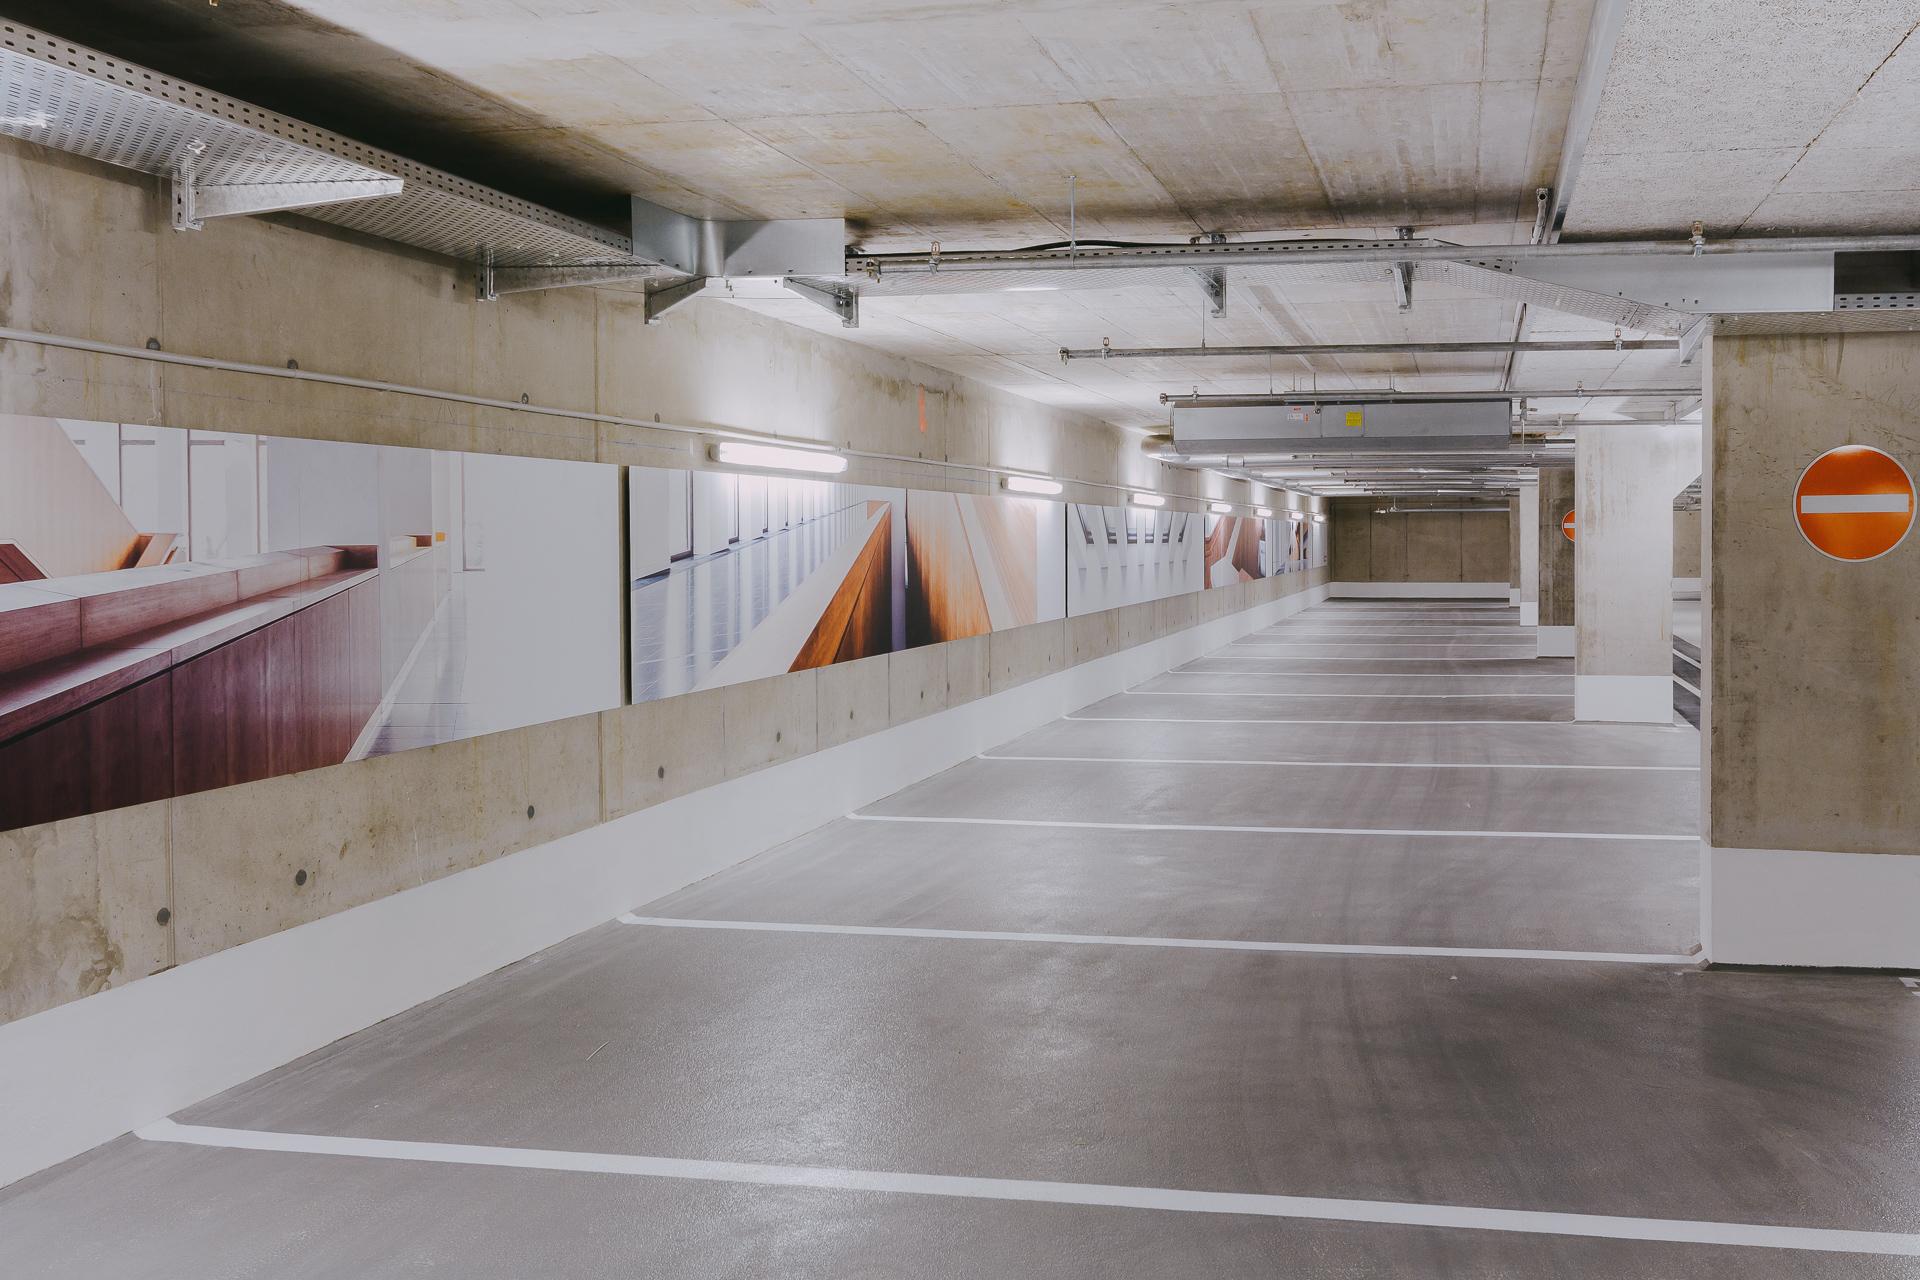 20121228_Stadthalle_Reutlingen_Tiefgarage_Motive_000000112